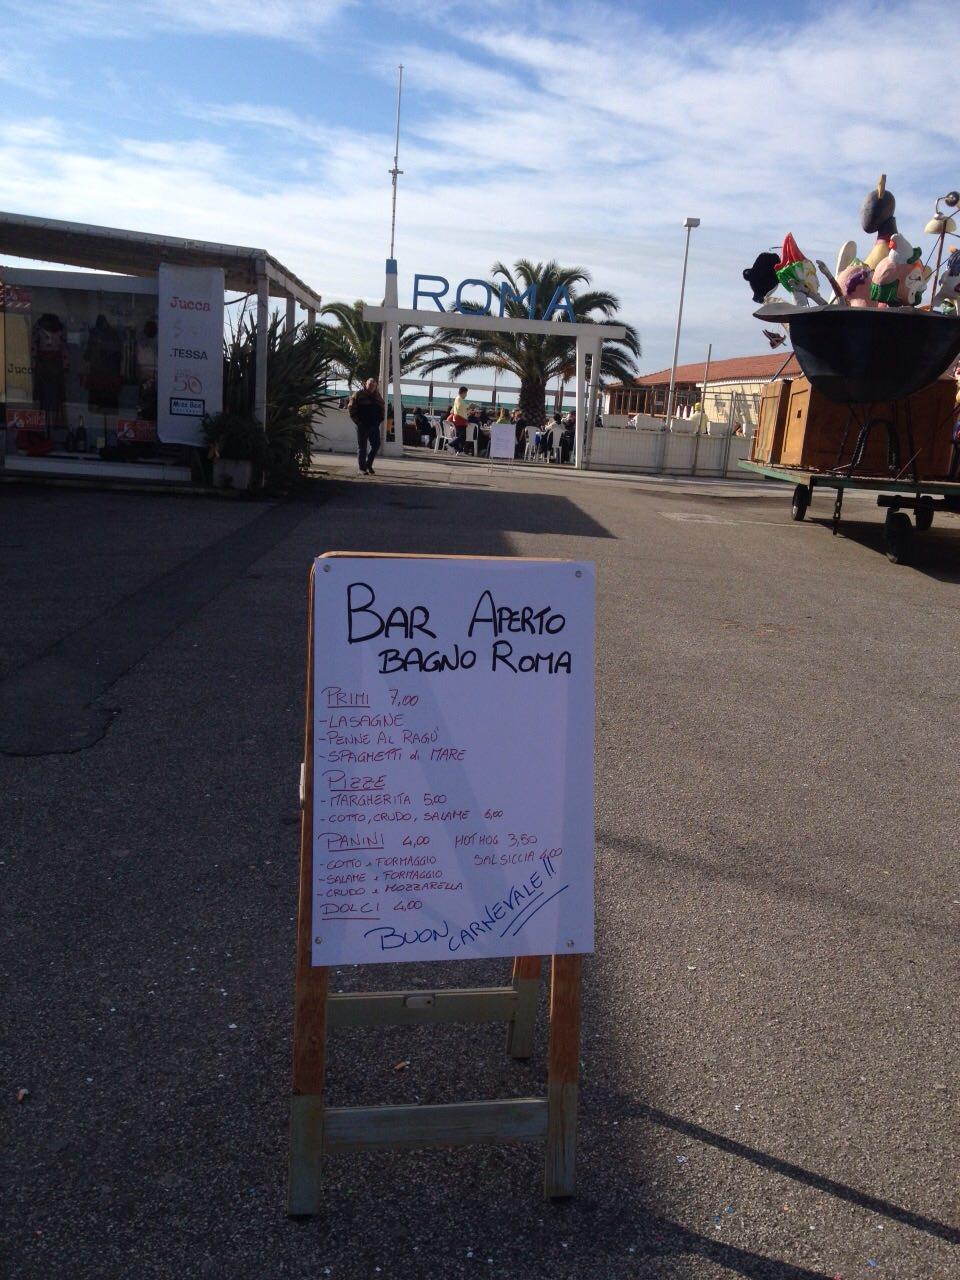 Bar degli stabilimenti balneari aperti per le domeniche di Carnevale